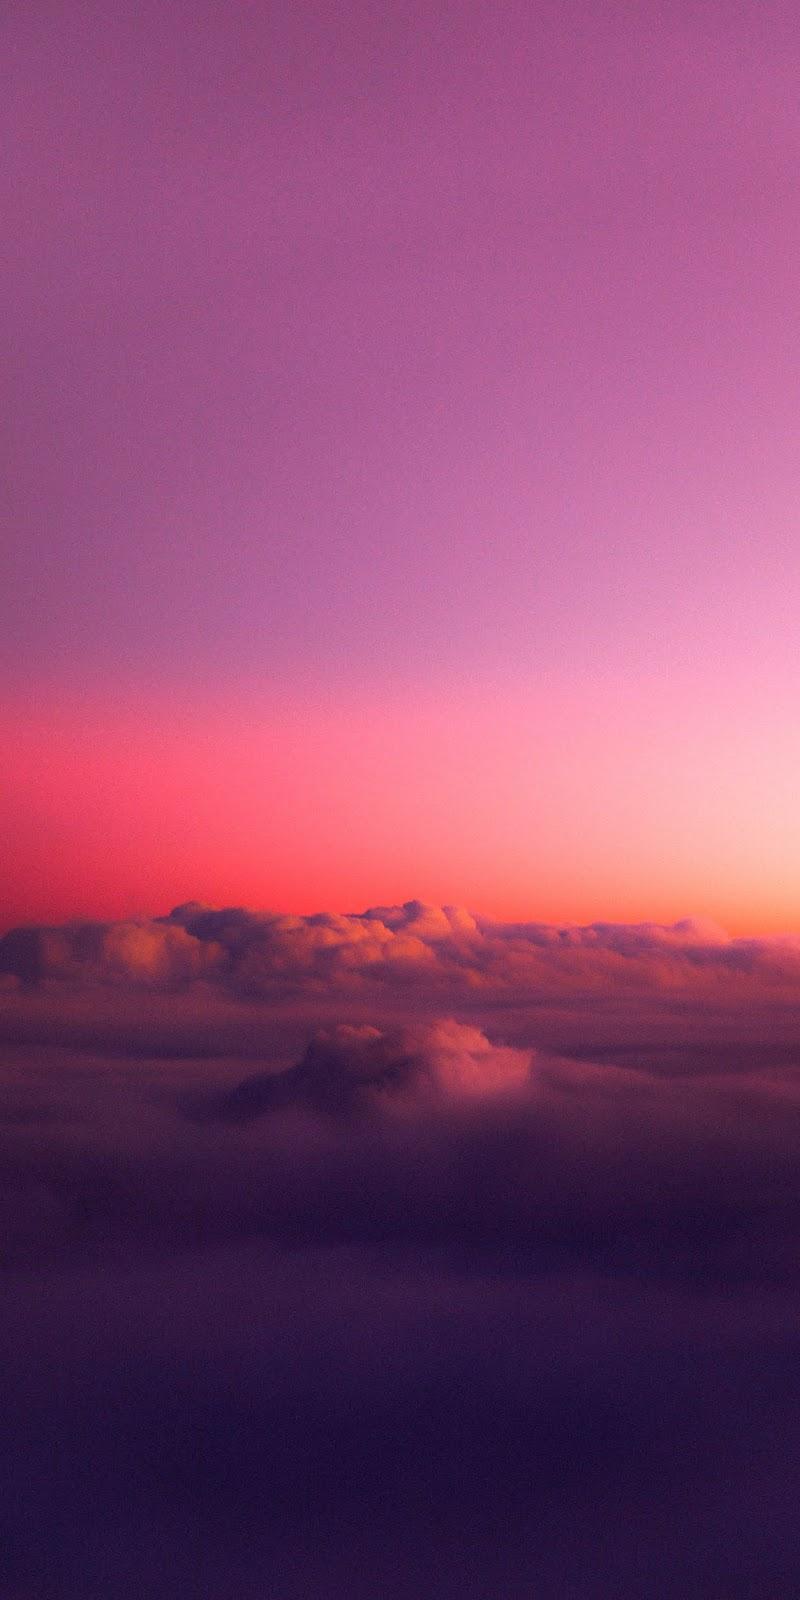 Cloud in the twilight sky